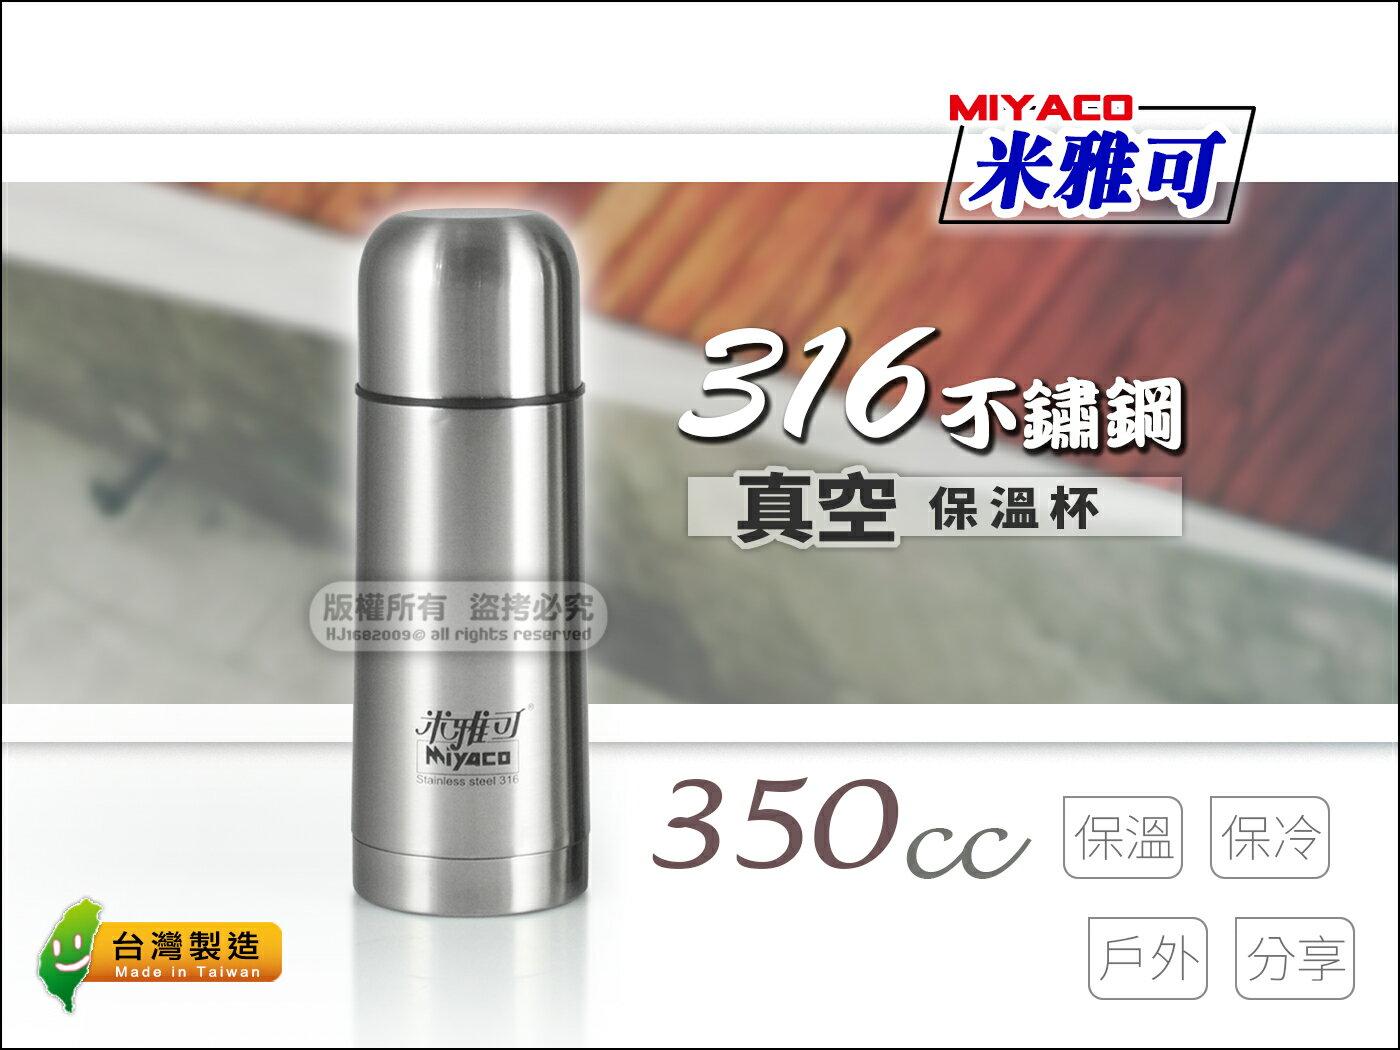 快樂屋♪ 米雅可 7481 經典316不鏽鋼 真空保溫杯 350cc 【通過SGS檢測】咖啡杯 台灣製